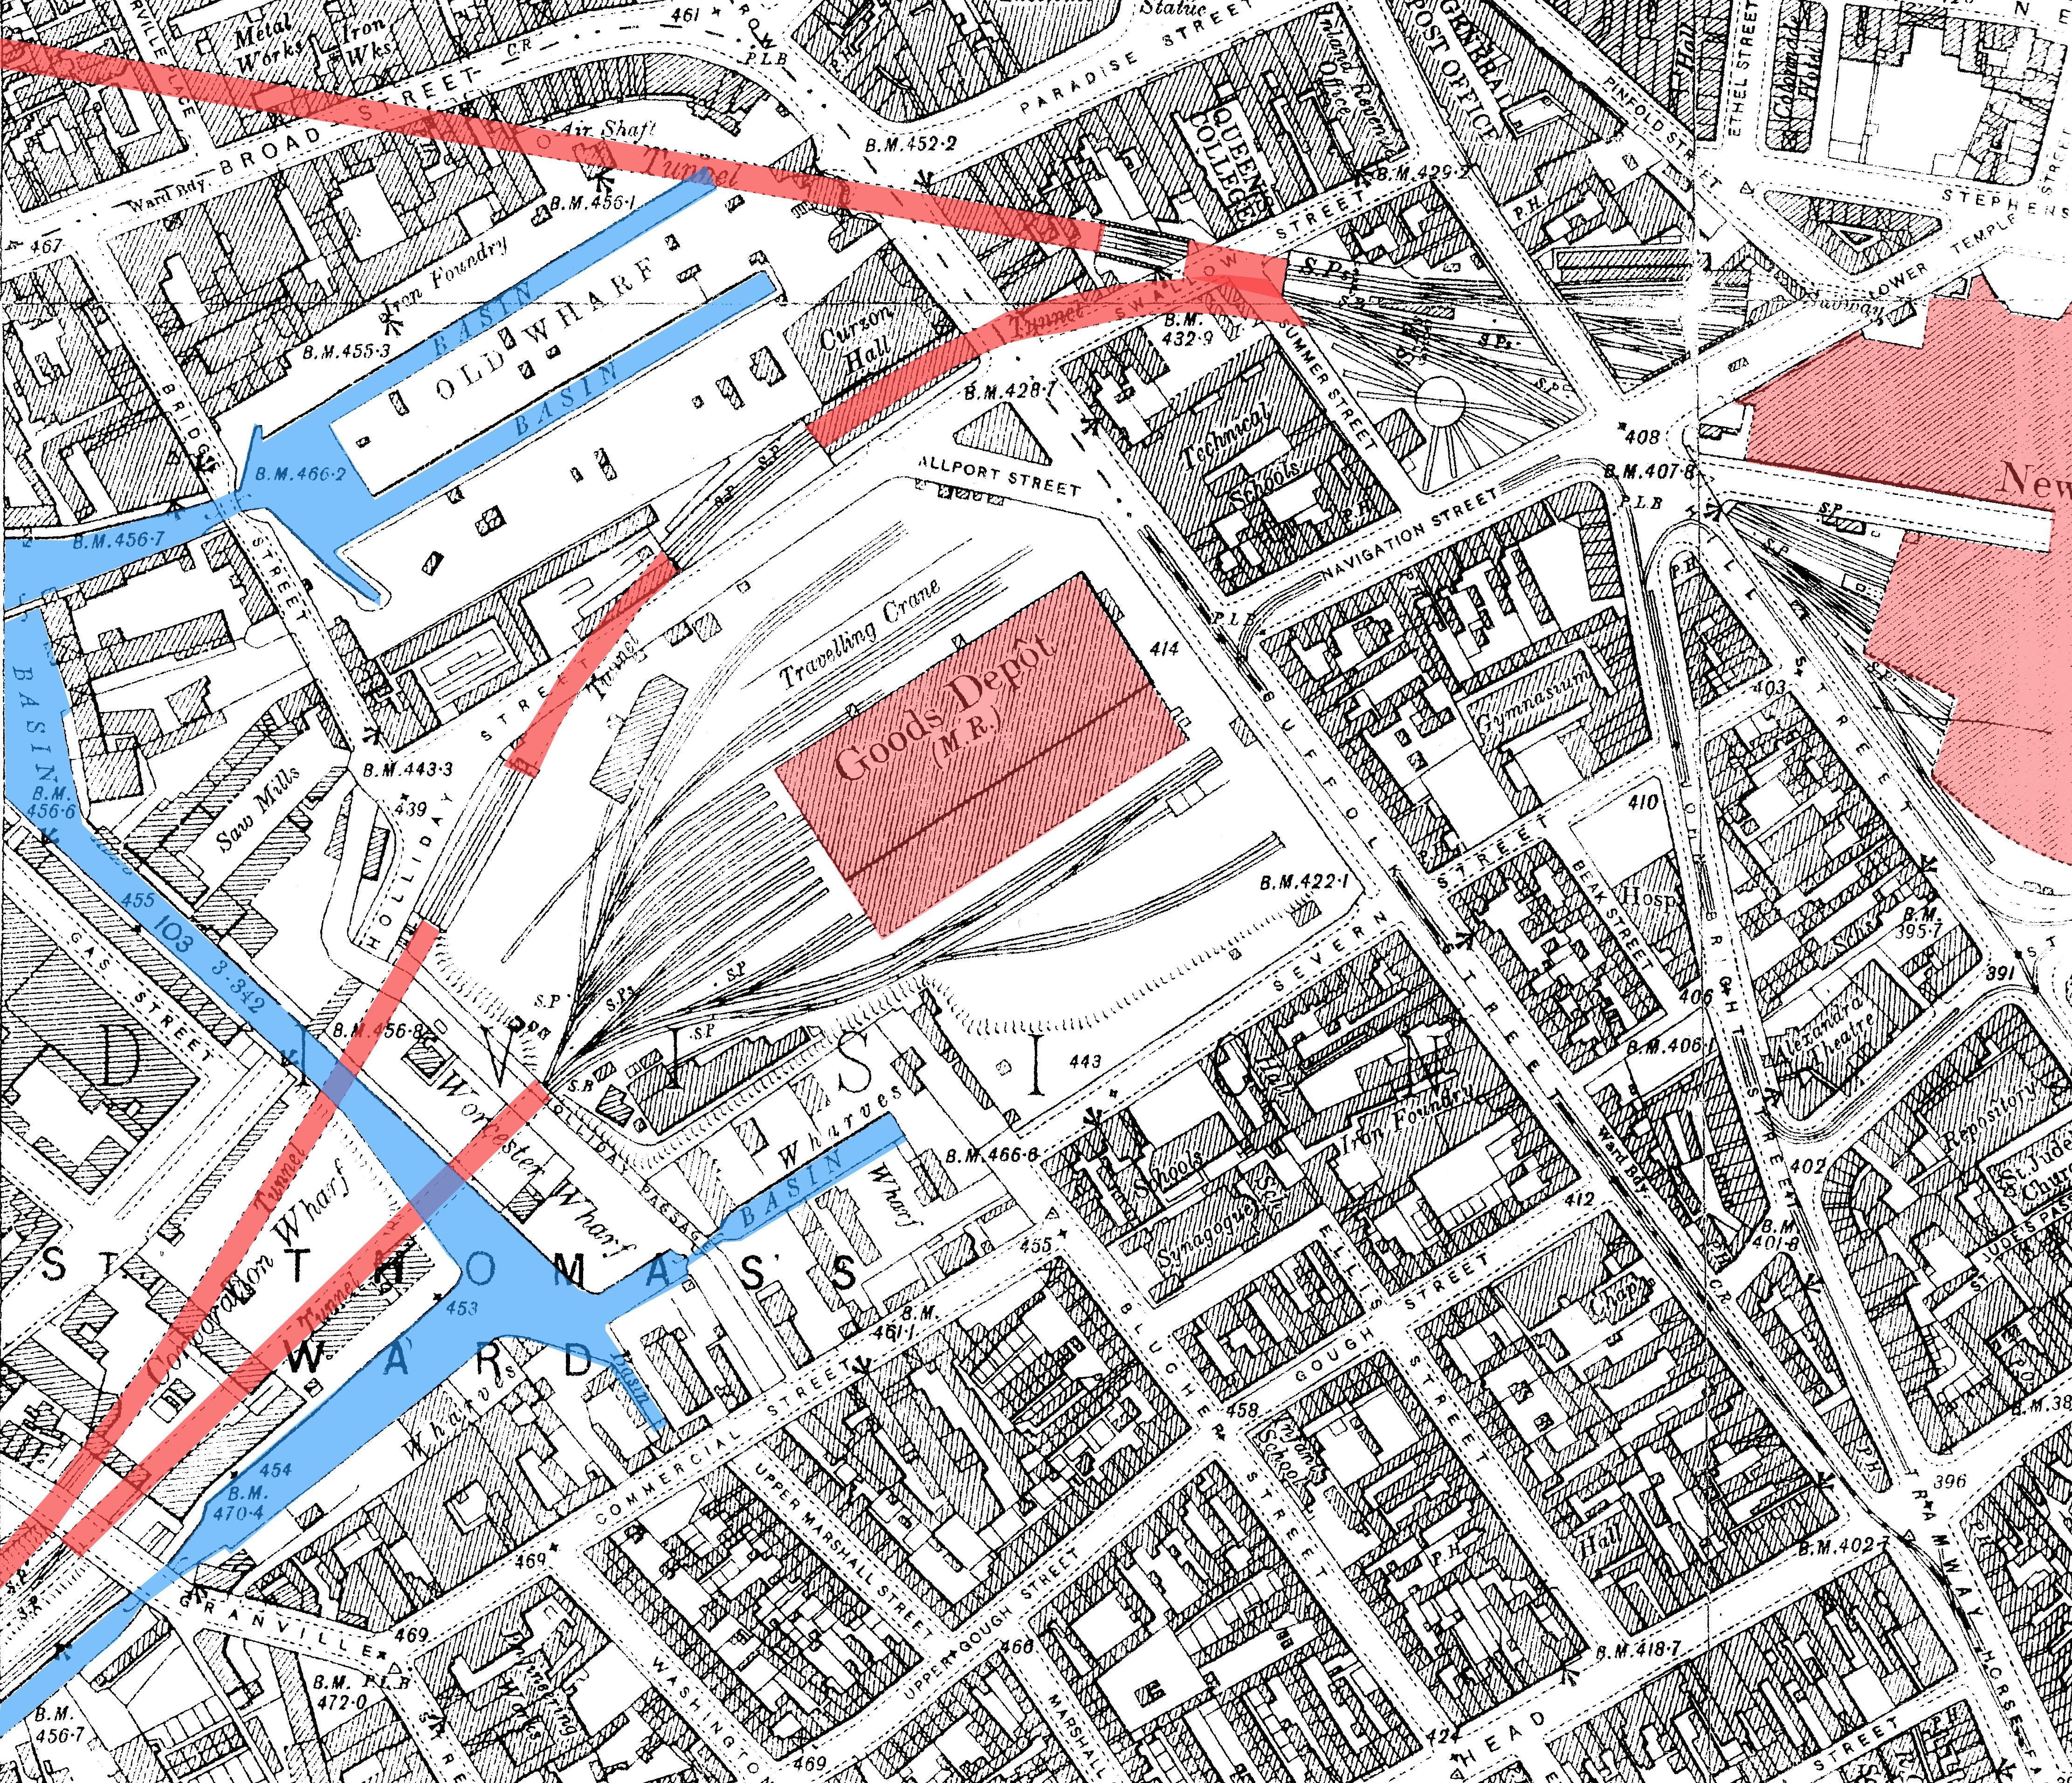 FileBirmingham Worcester Wharf Central Goods Depot OS map 2nd